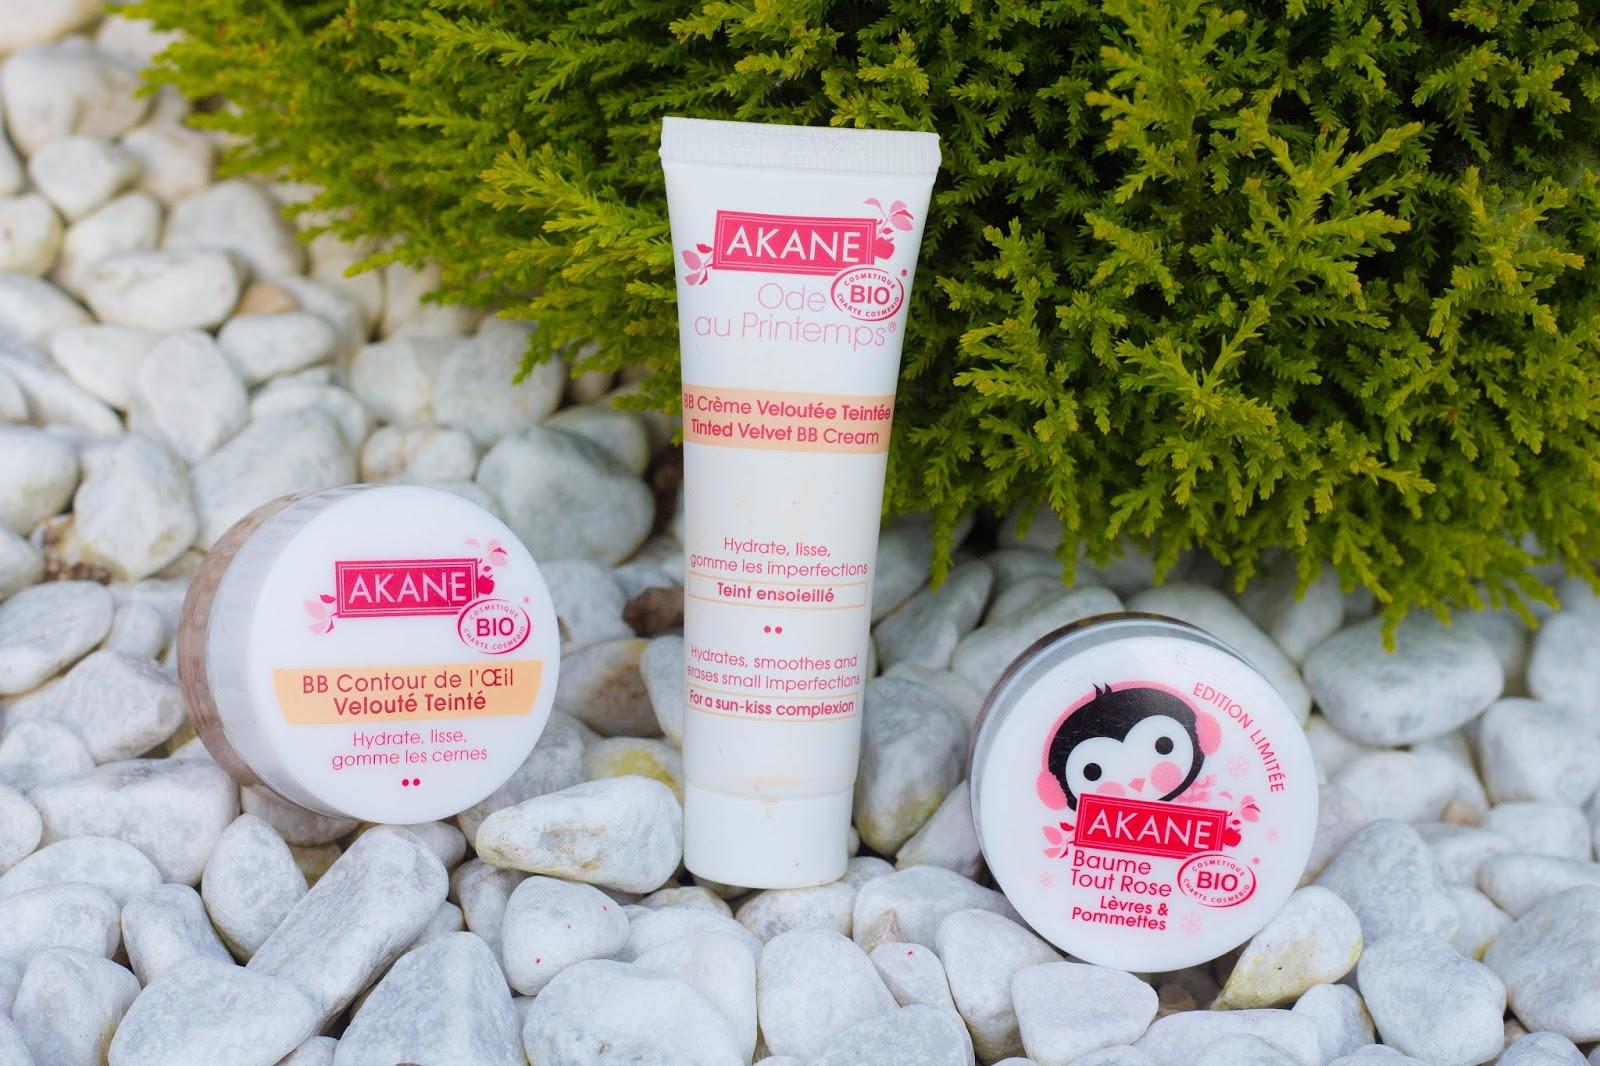 akane-routine-naturelle-bio-maquillage